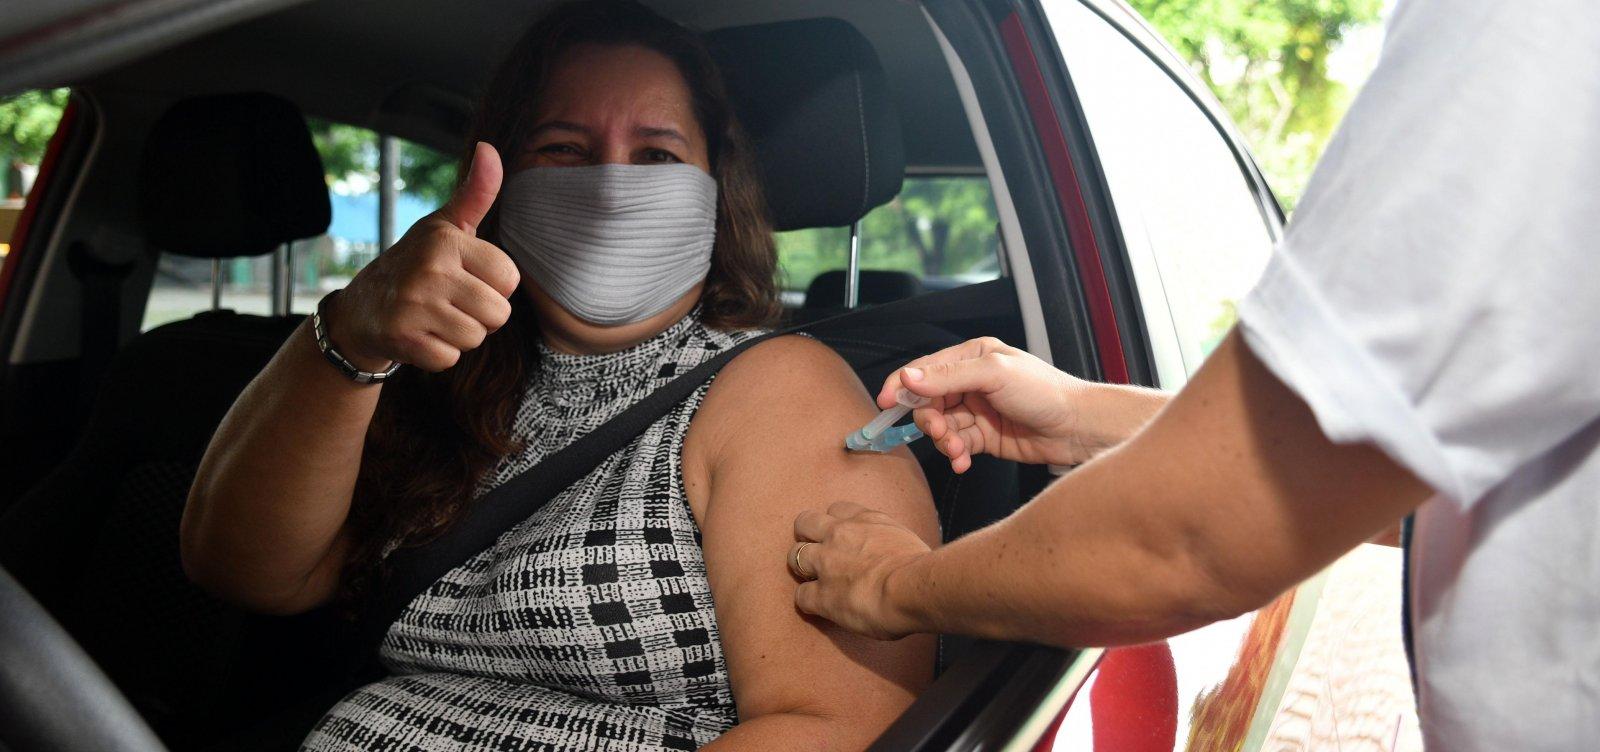 Salvador inicia vacinação contra covid de grávidas e mães de recém-nascidos nesta sexta